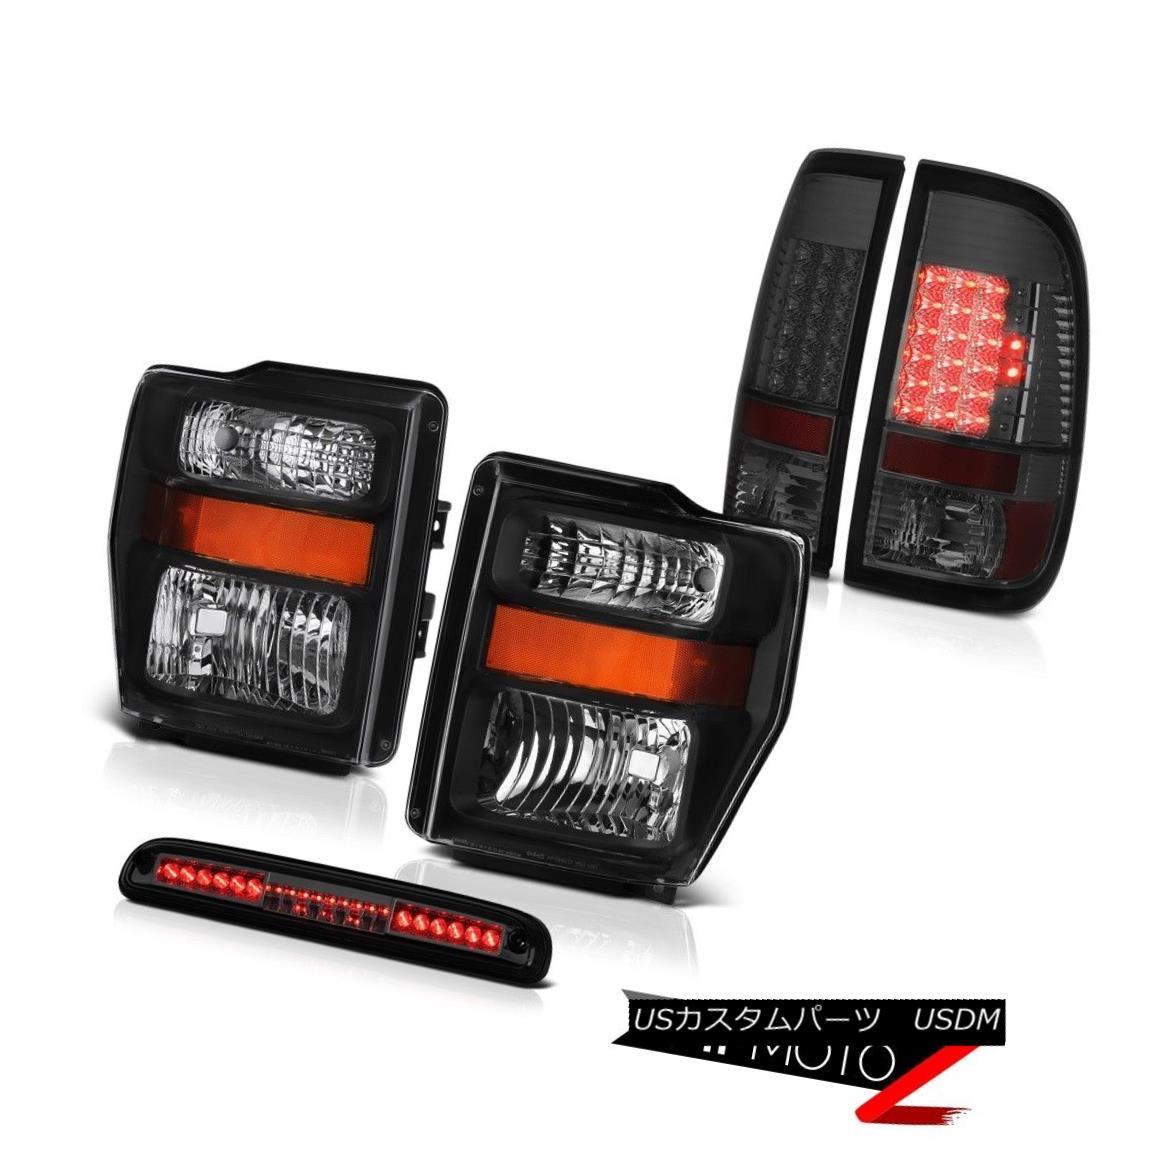 ヘッドライト 2008 2009 2010 F250 6.3L Raven Black Headlamps Smoke LED Taillights Third Brake 2008 2009 2010 F250 6.3LレーベンブラックヘッドランプスモークLEDテールライト第3ブレーキ